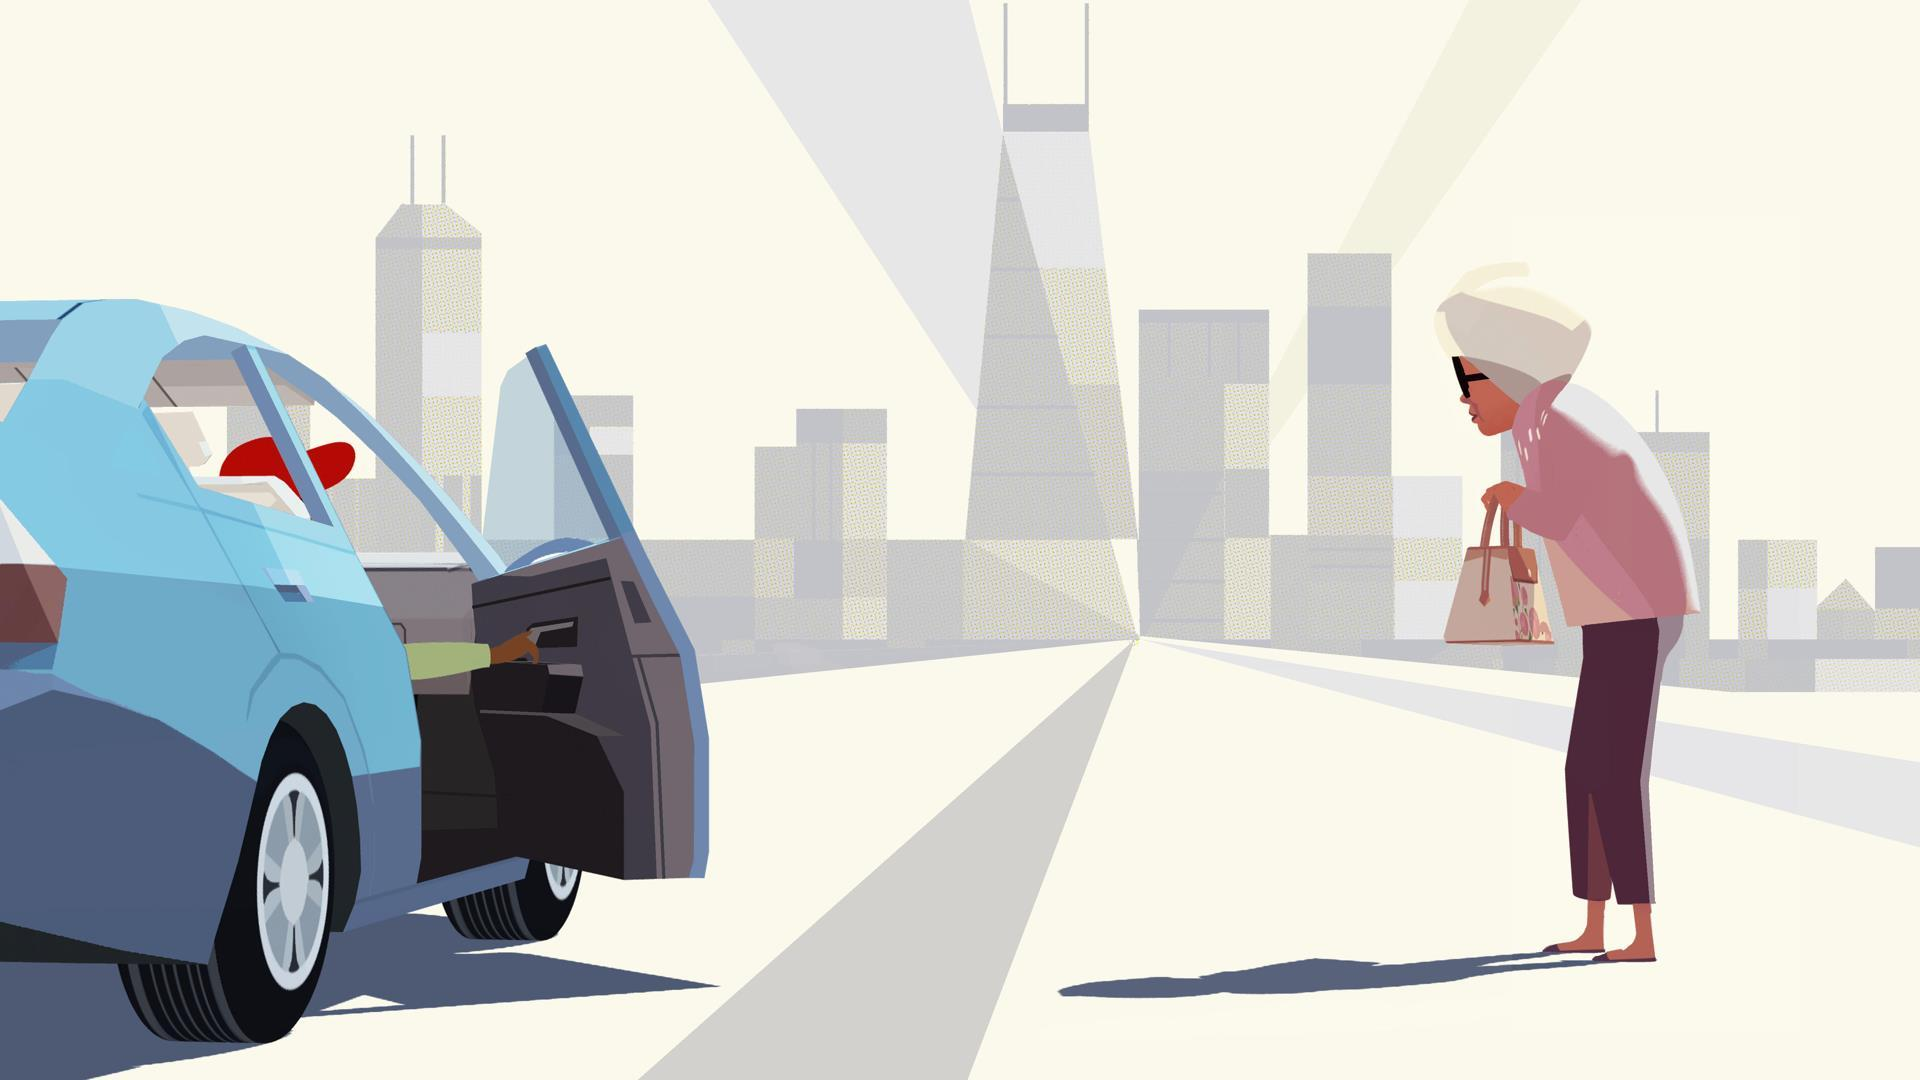 El rival de Uber lanza suscripción mensual, con viajes ilimitados por mes